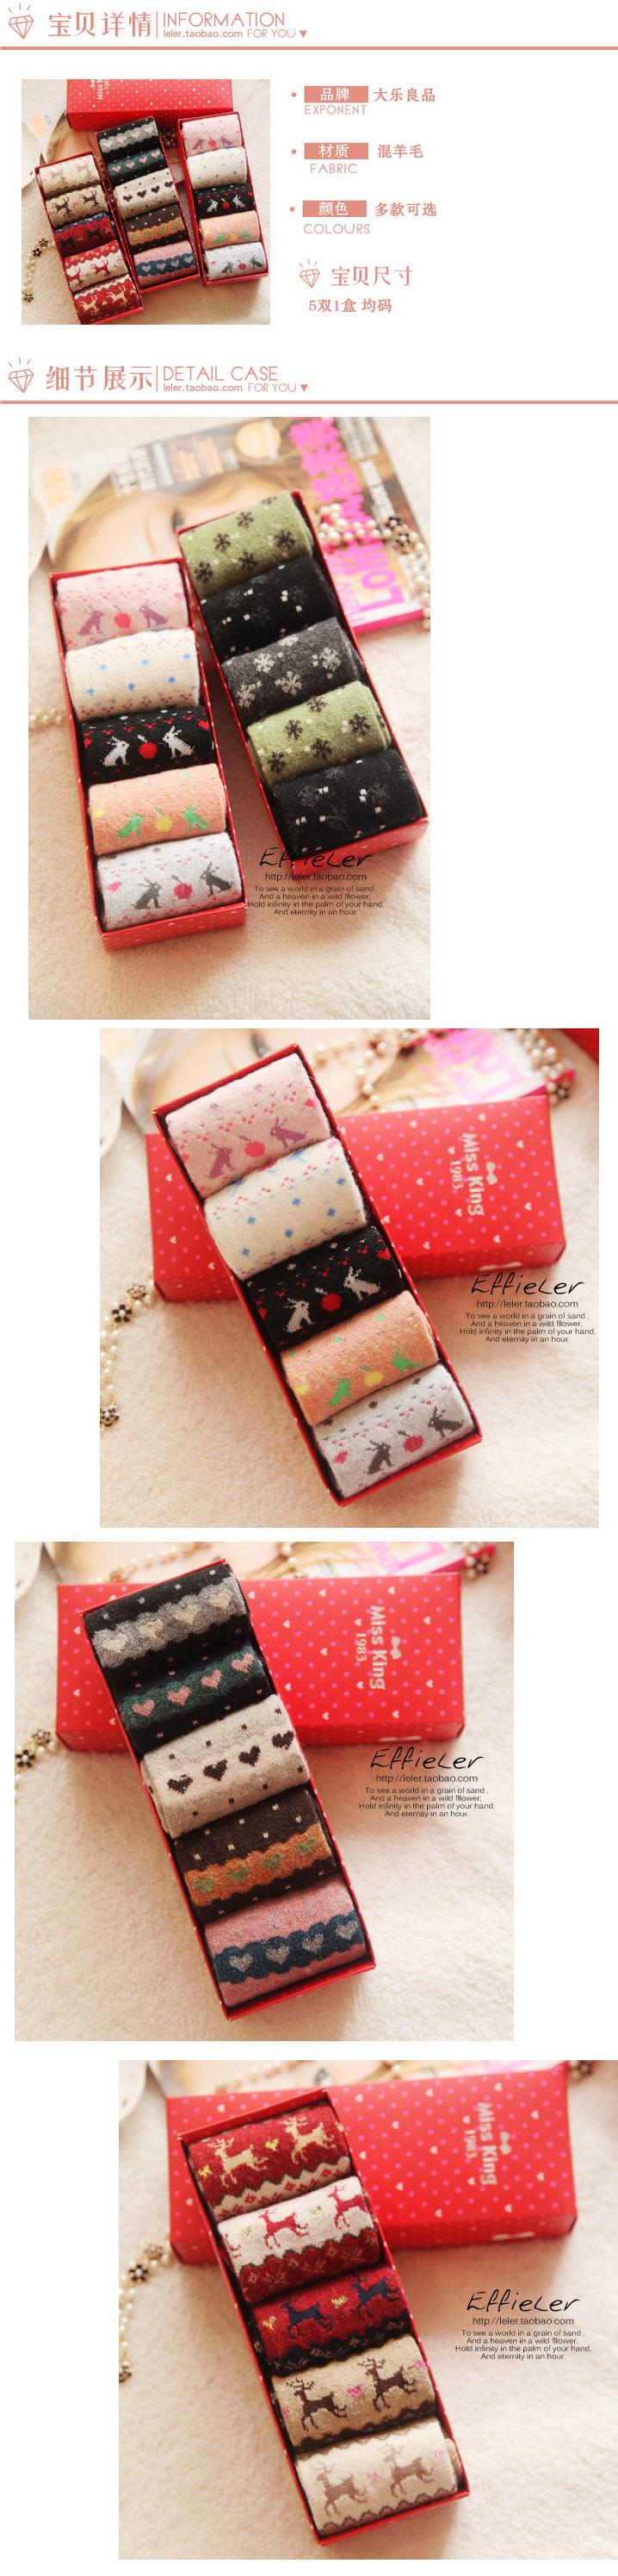 圣诞 日本兔毛羊毛混毛款超美可爱保暖礼冬季盒袜5双装